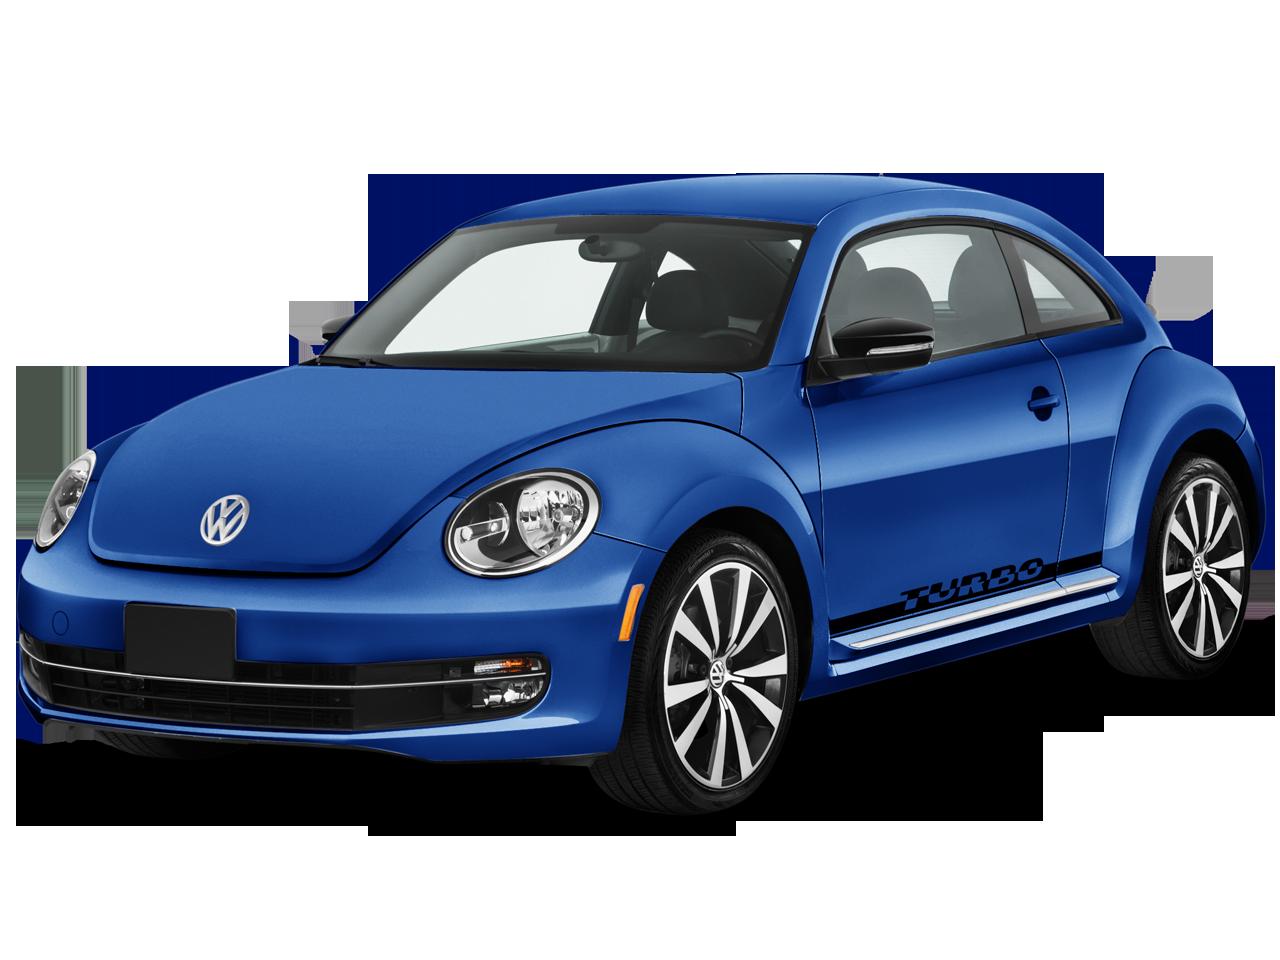 Volkswagen PNG Image